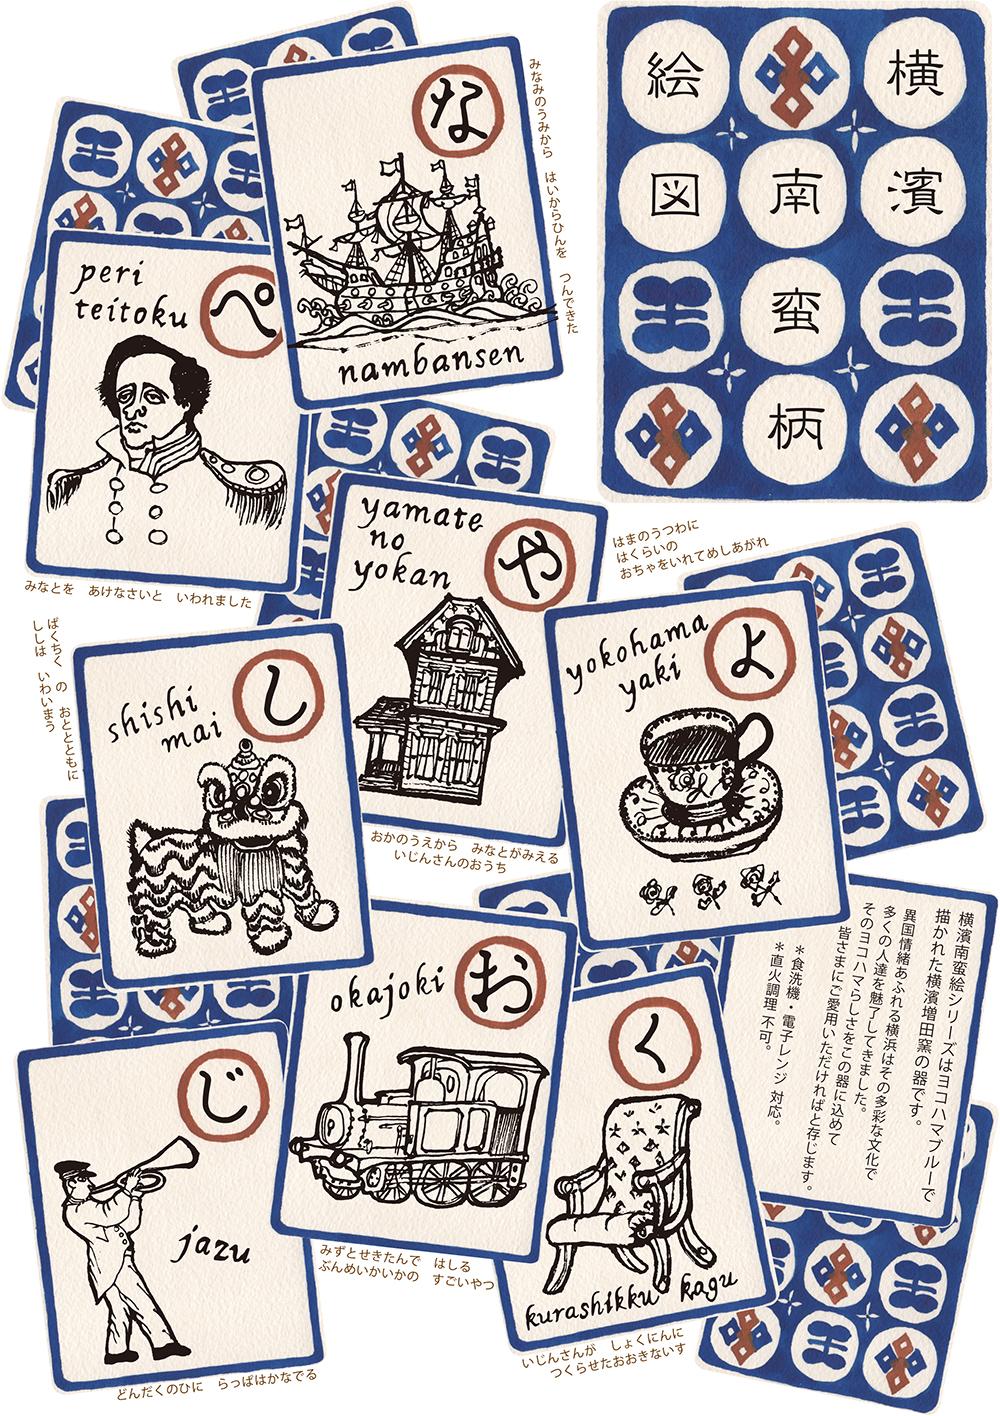 横濱南蛮絵図カルタリーフレット表1